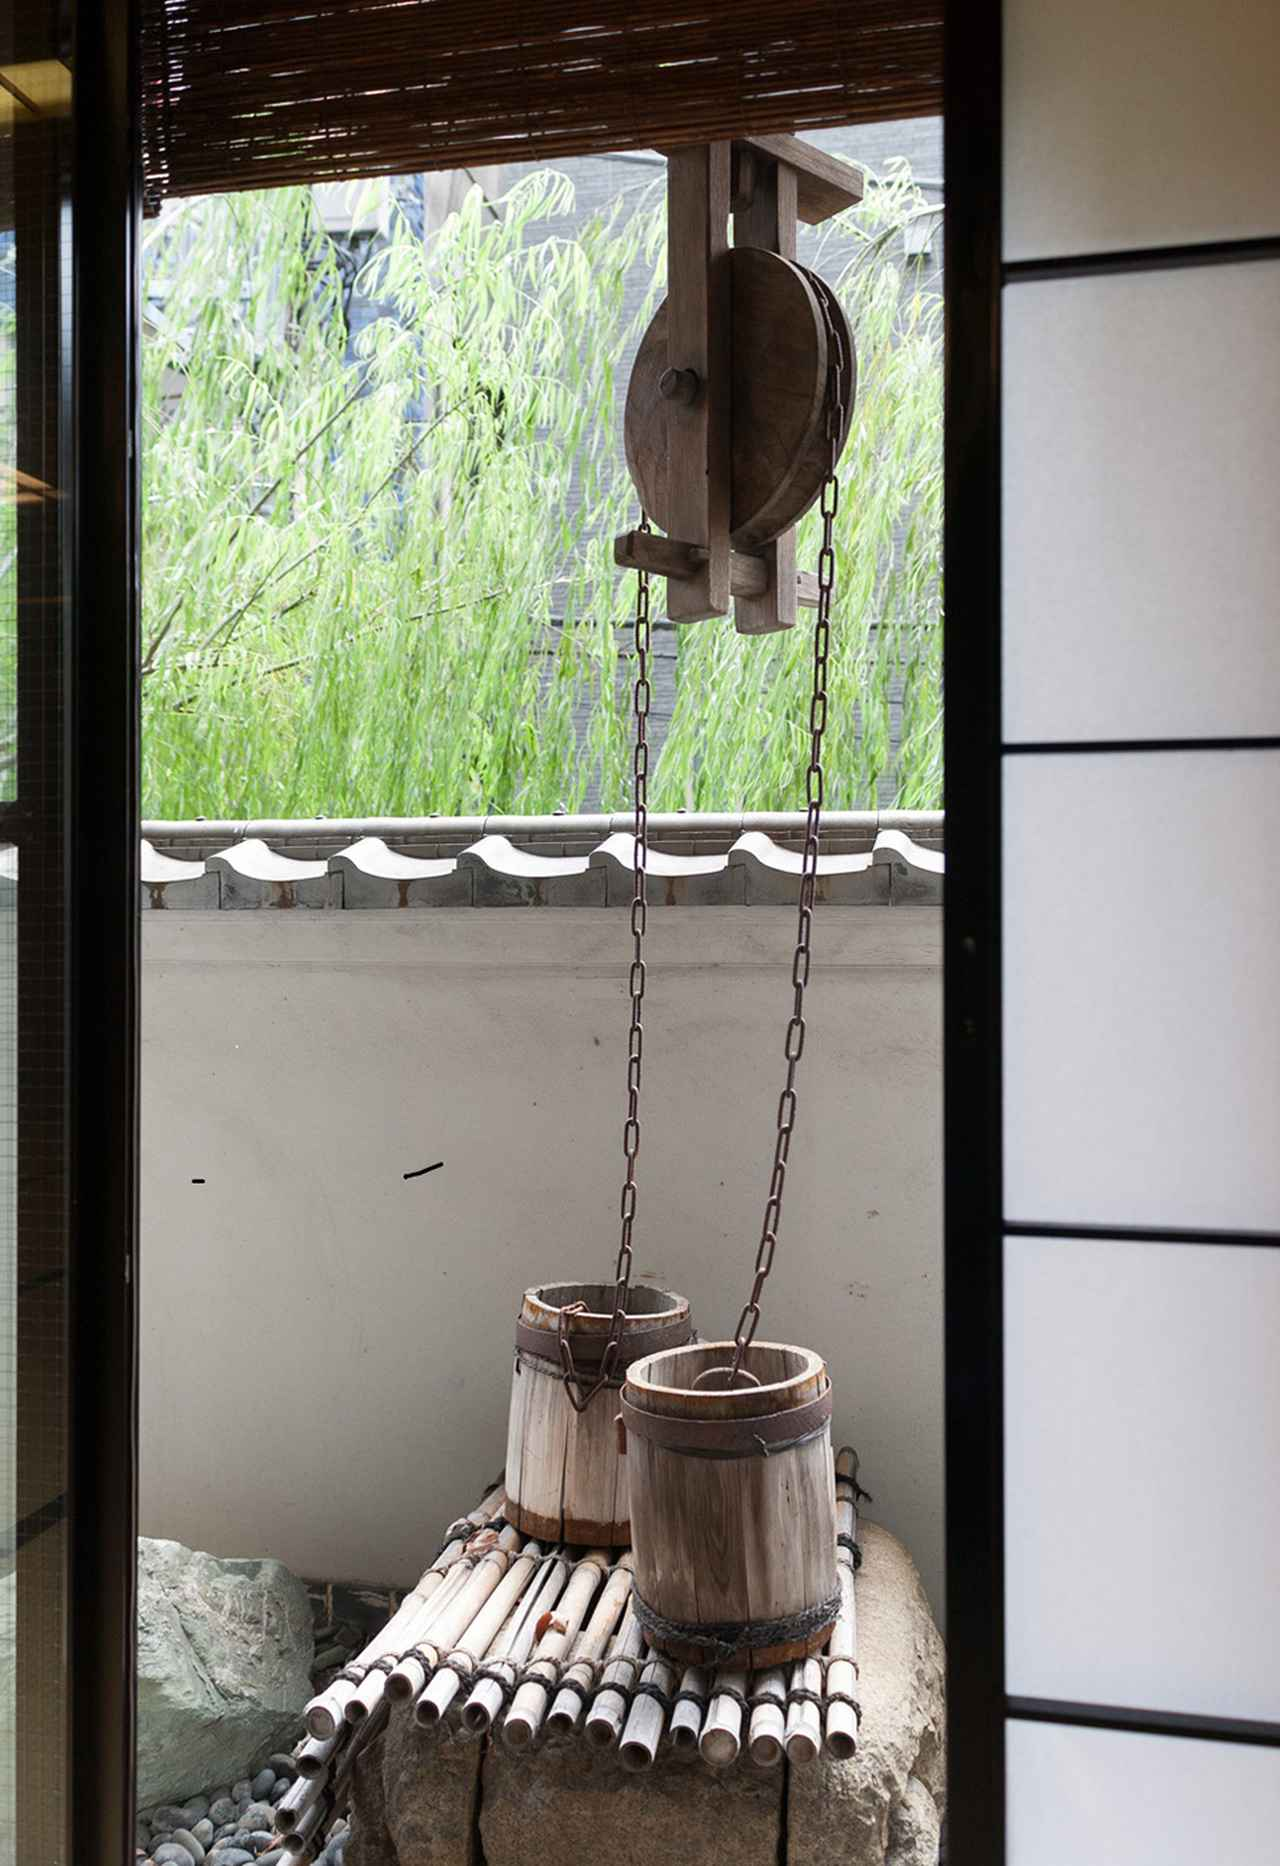 Images : 5番目の画像 - 「せきね きょうこ 連載 新・東京ホテル物語<Vol.6>」のアルバム - T JAPAN:The New York Times Style Magazine 公式サイト